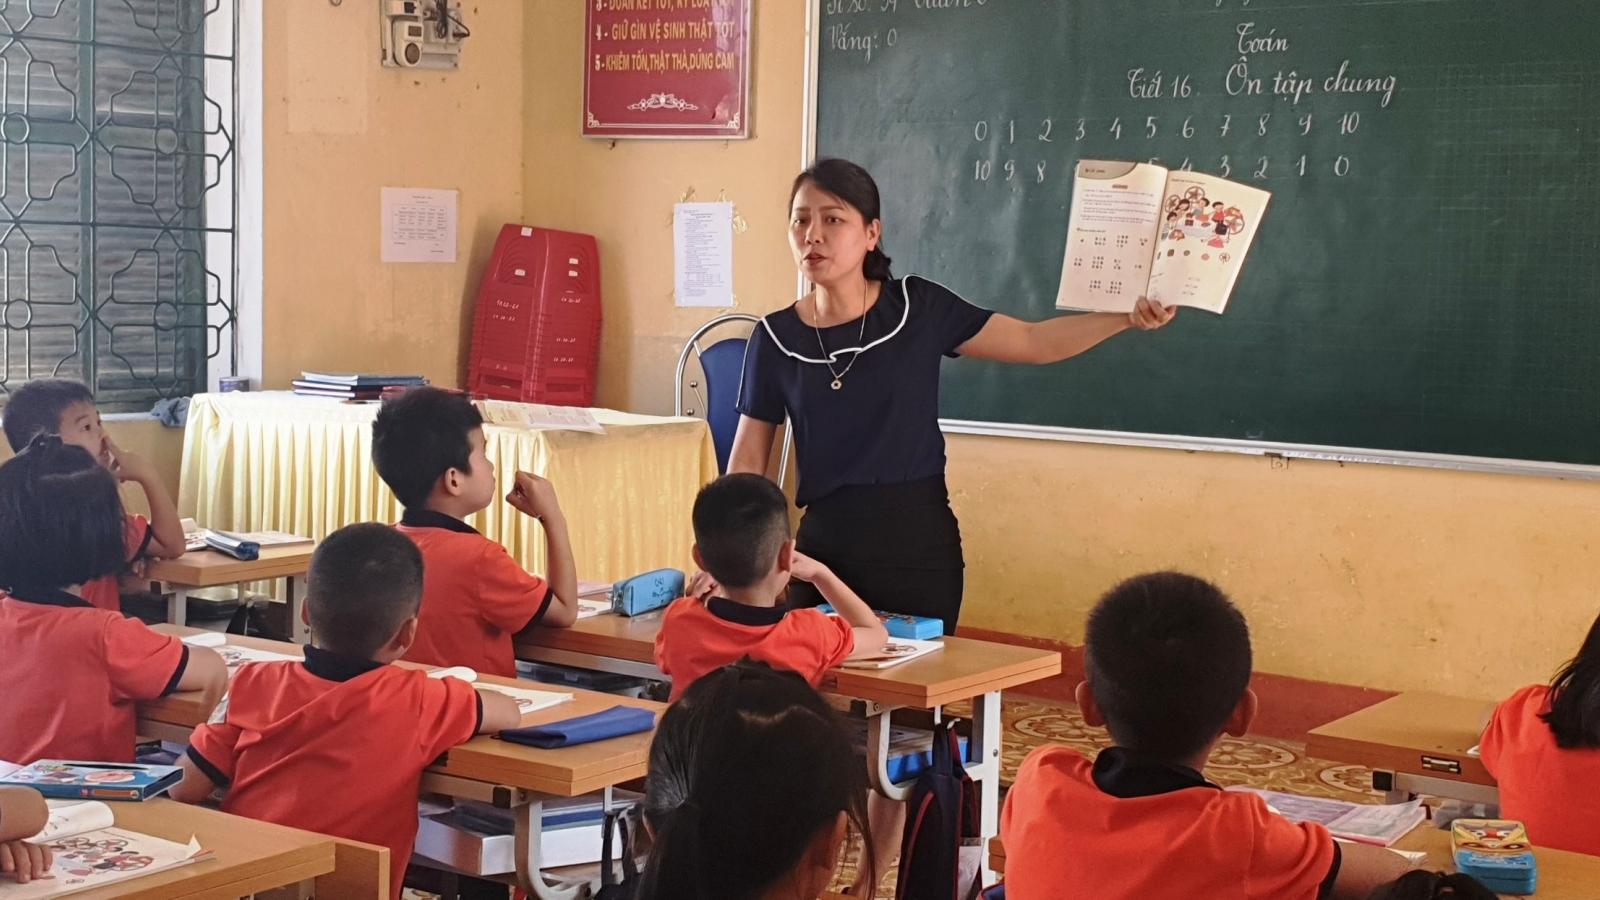 Yên Bái chọn sách giáo khoa lớp 1, lớp 2, lớp 6 của nhiều nhà xuất bản